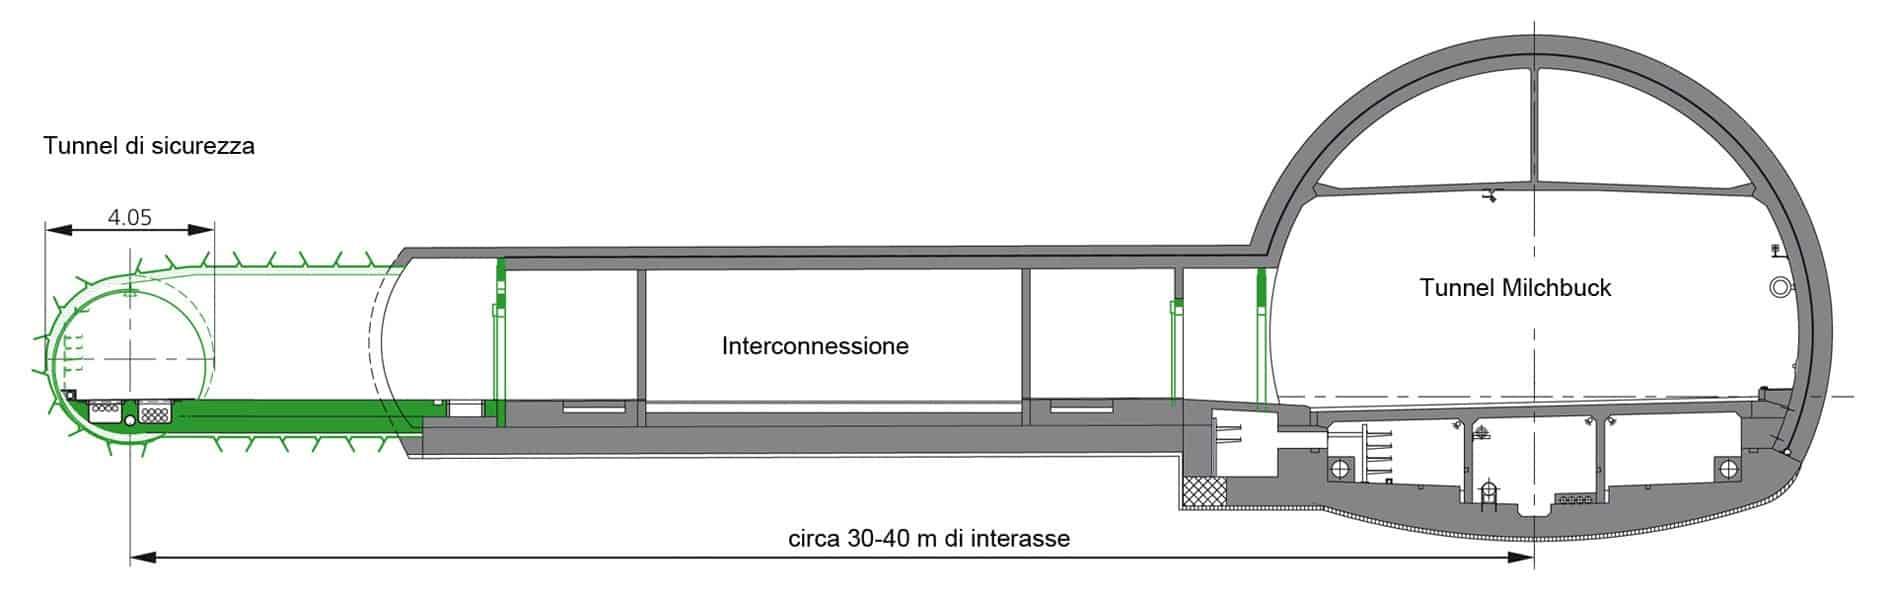 La sezione trasversale del tunnel Milchbuck e delle estensioni realizzate (galleria di sicurezza e collegamenti)